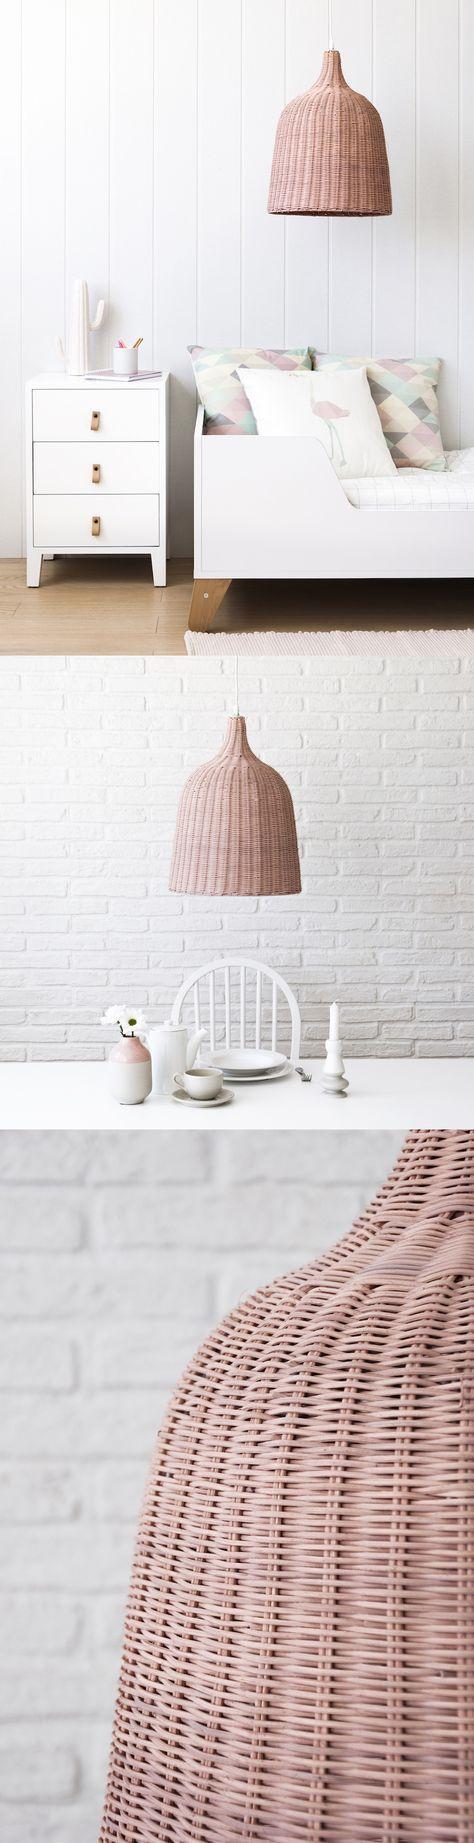 Para dar un toque nuevo al salón o para la habitación de la peque, la nueva lámpara Tula va a quedar genial en cualquier parte de tu casa. Son edición limitada y la tienes en 5 colores. #kenayhome #deco #nordicliving